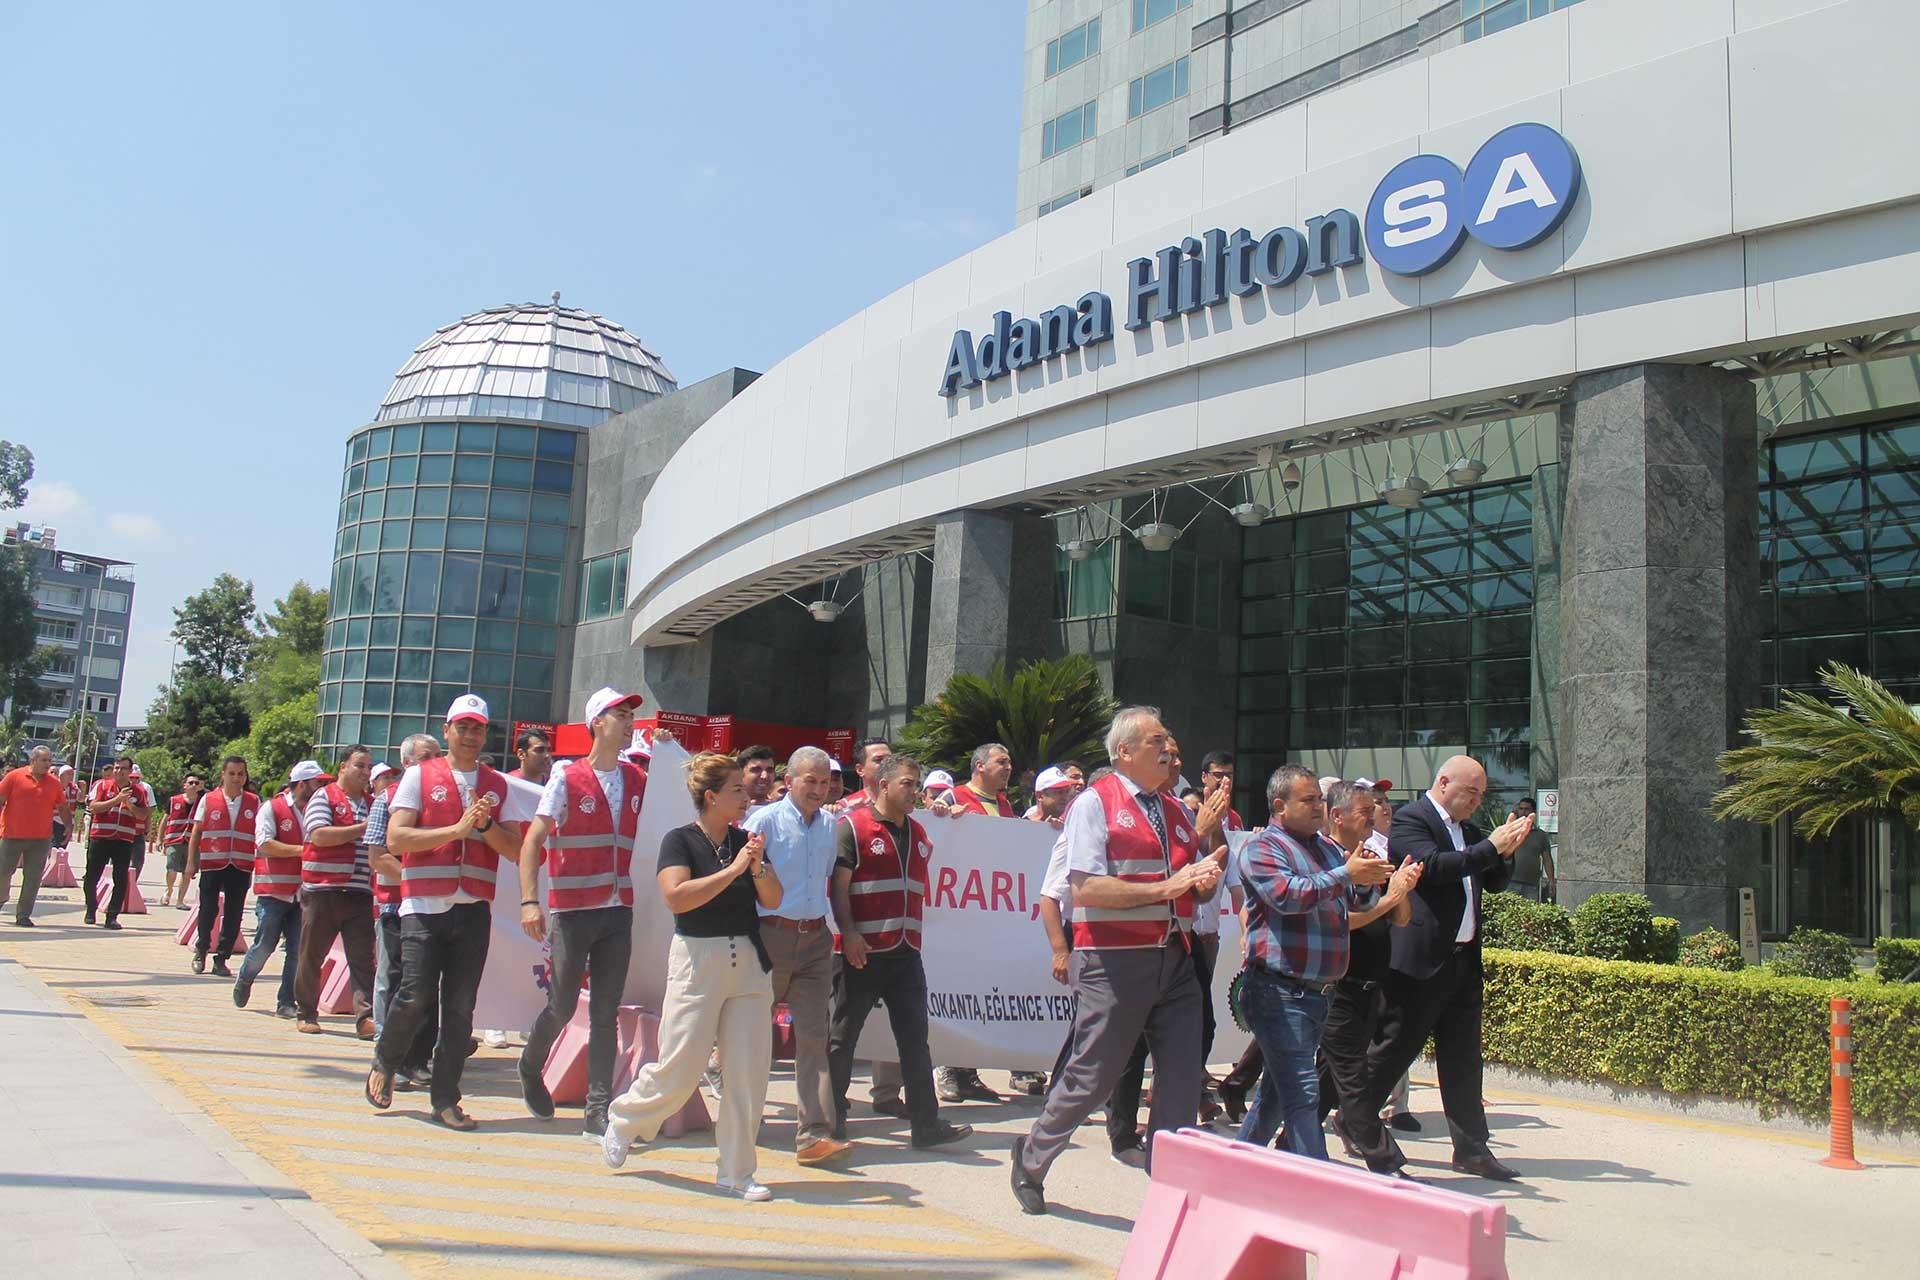 Hilton-SA